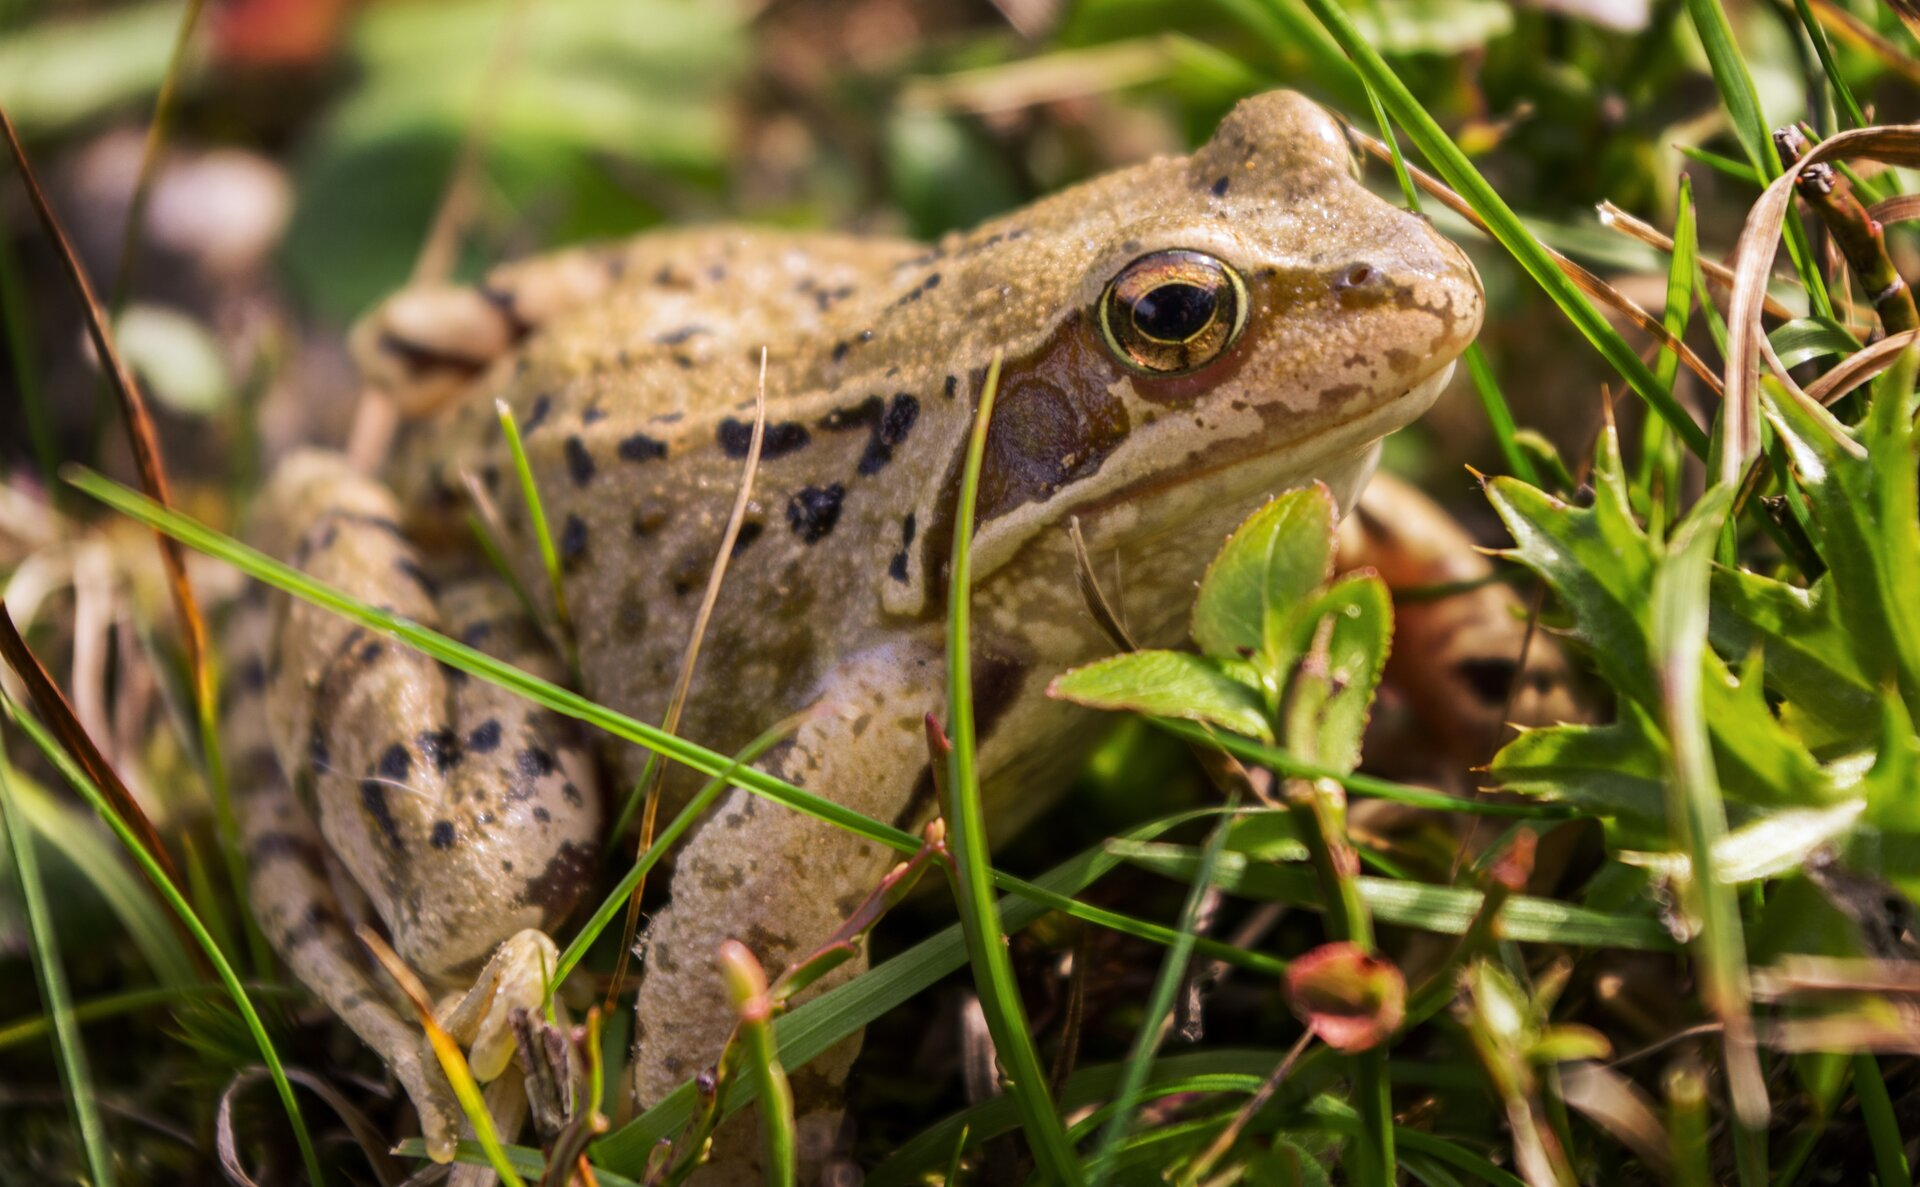 Zdjęcie żaby wtrawie. Zwierzę ma krótkie przednie kończyny idługie tylne, podwinięte pod ciało. Cialo koloru jasnobrązowego.